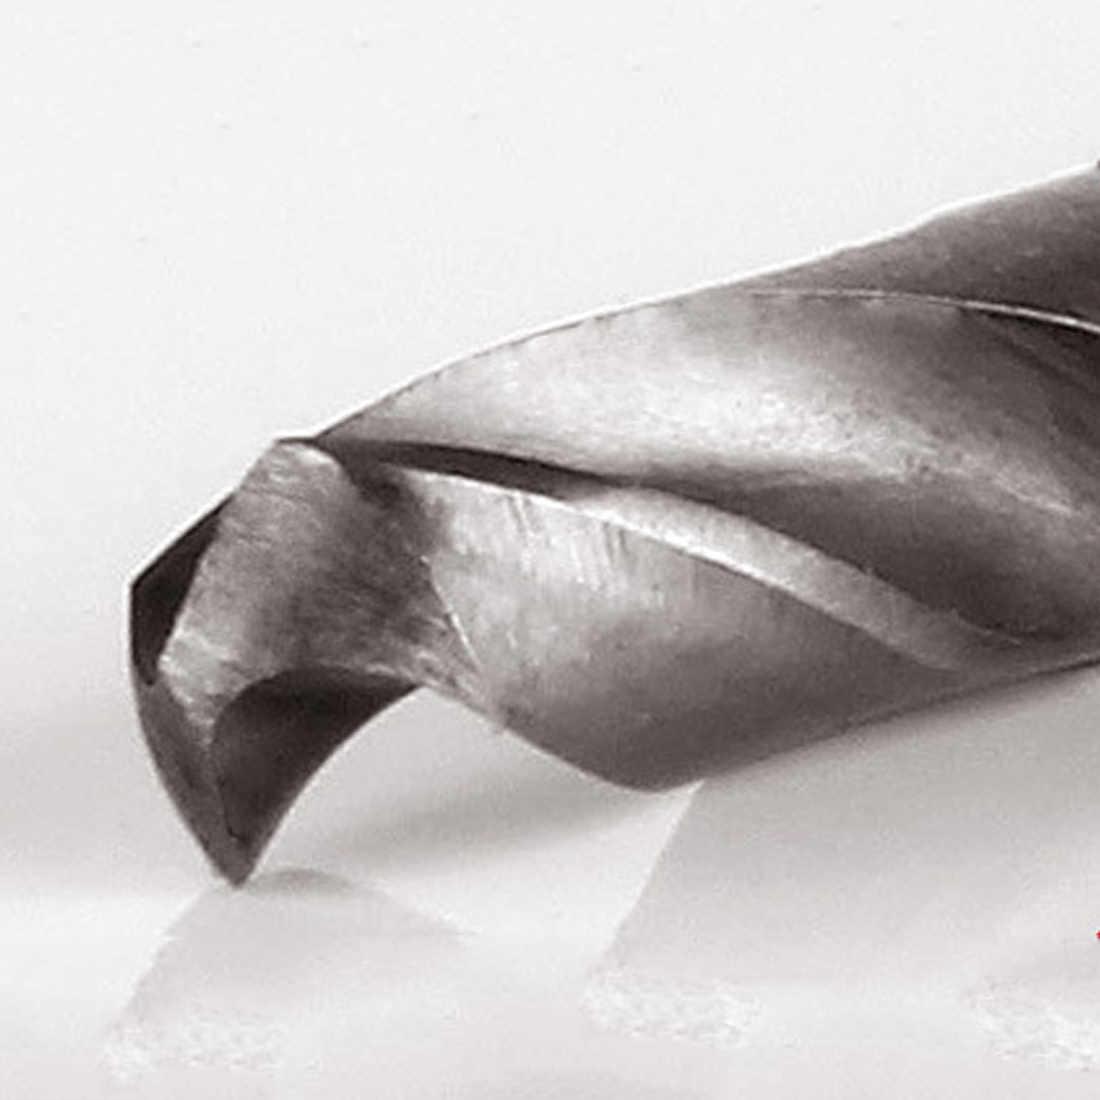 Forets centraux HSS forets Double tête 3 MM-5 MM perceuse électrique Mini foret hélicoïdal pour acier inoxydable cuivre